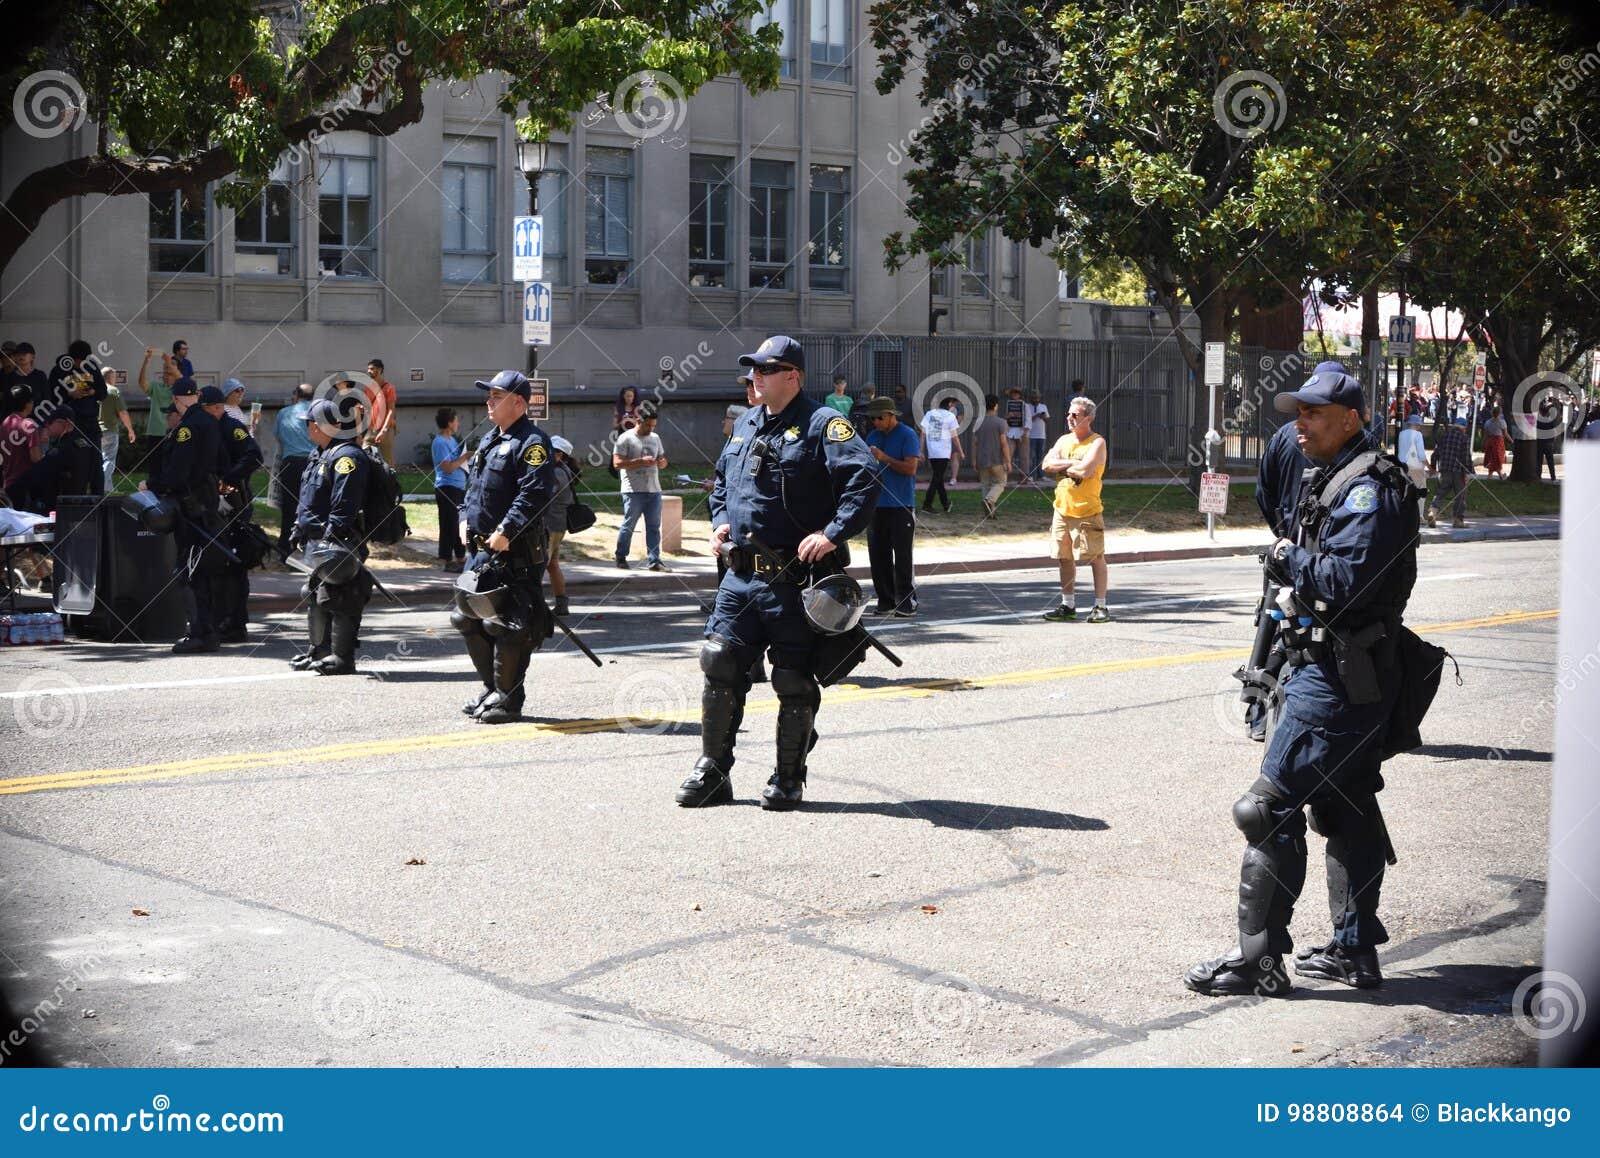 反对法西斯主义、种族主义和唐纳德・川普的伯克利抗议